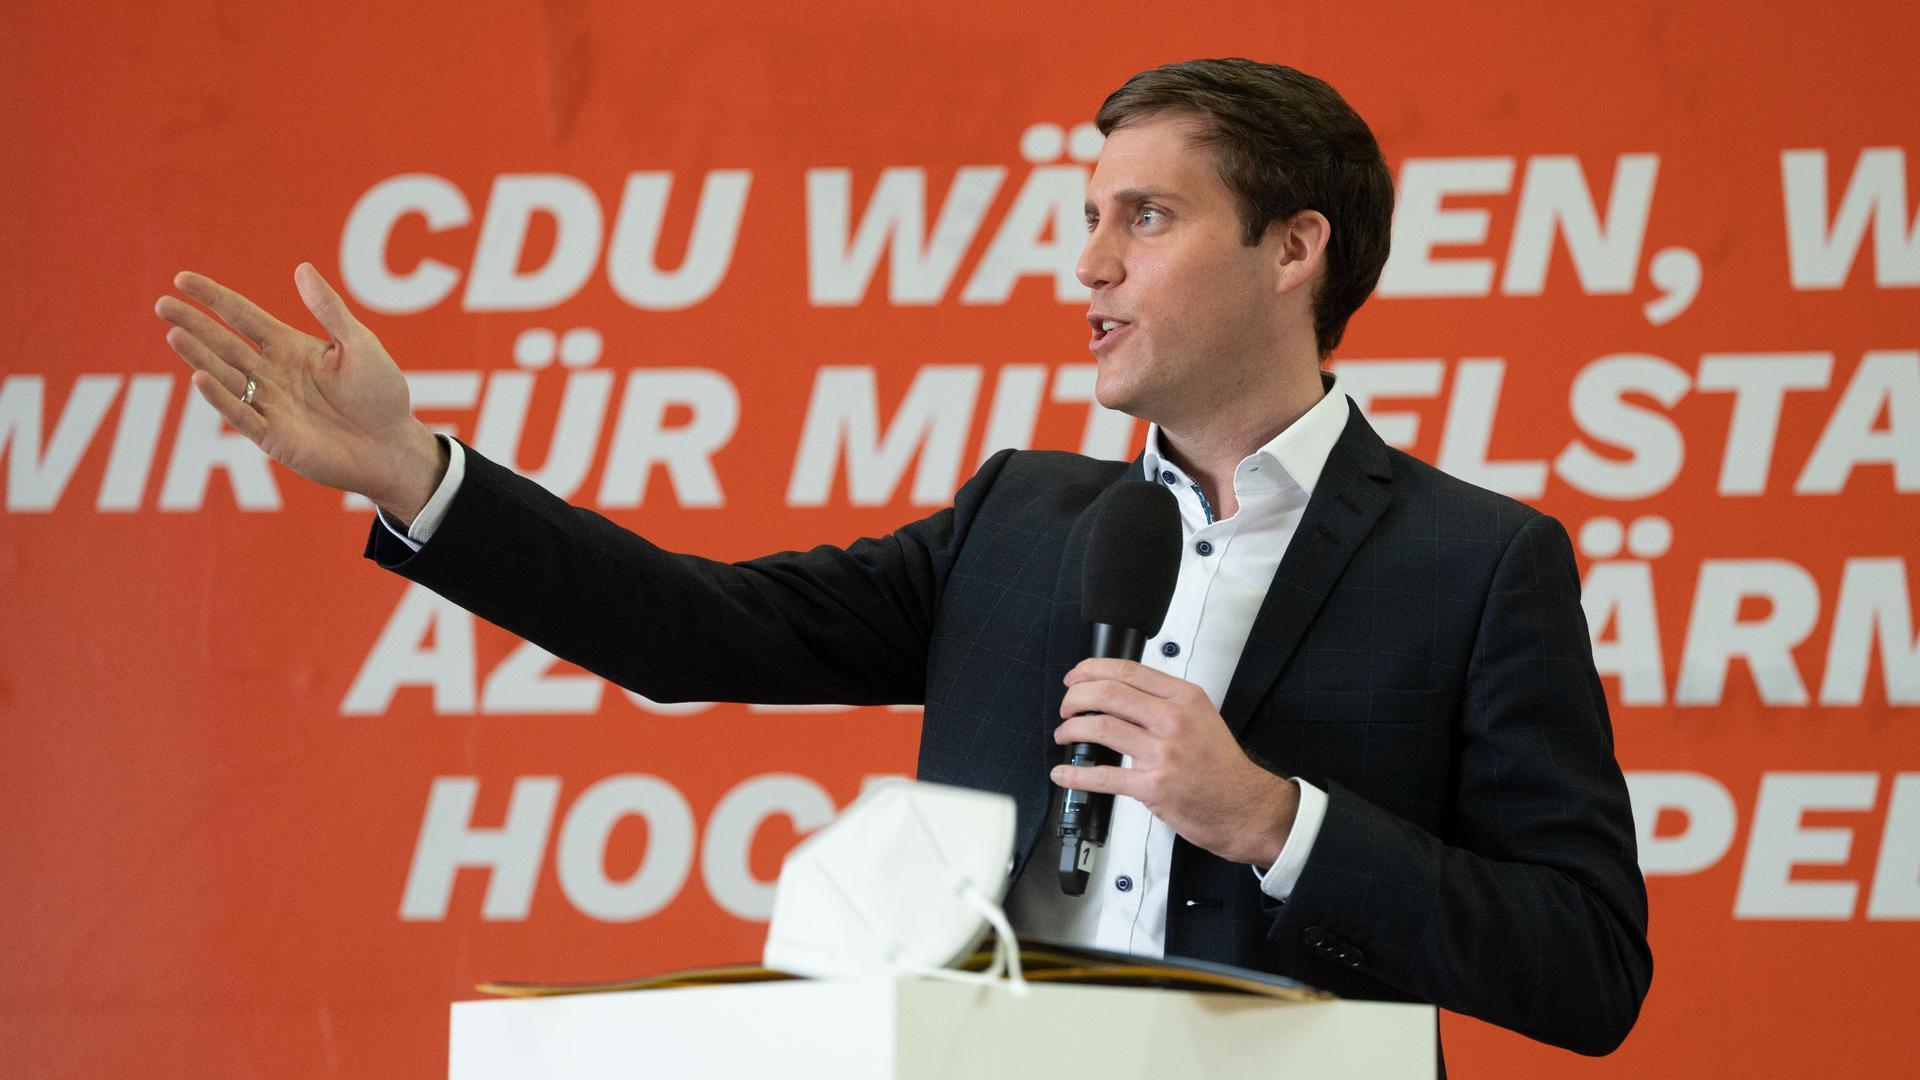 Manuel Hagel, Generalsekretär der baden-württembergischen CDU, nimmt an der Präsentation der Landtagwahlkampagne der baden-württembergische CDU mit Spitzenkandidatin Eisenmann teil. +++ dpa-Bildfunk +++